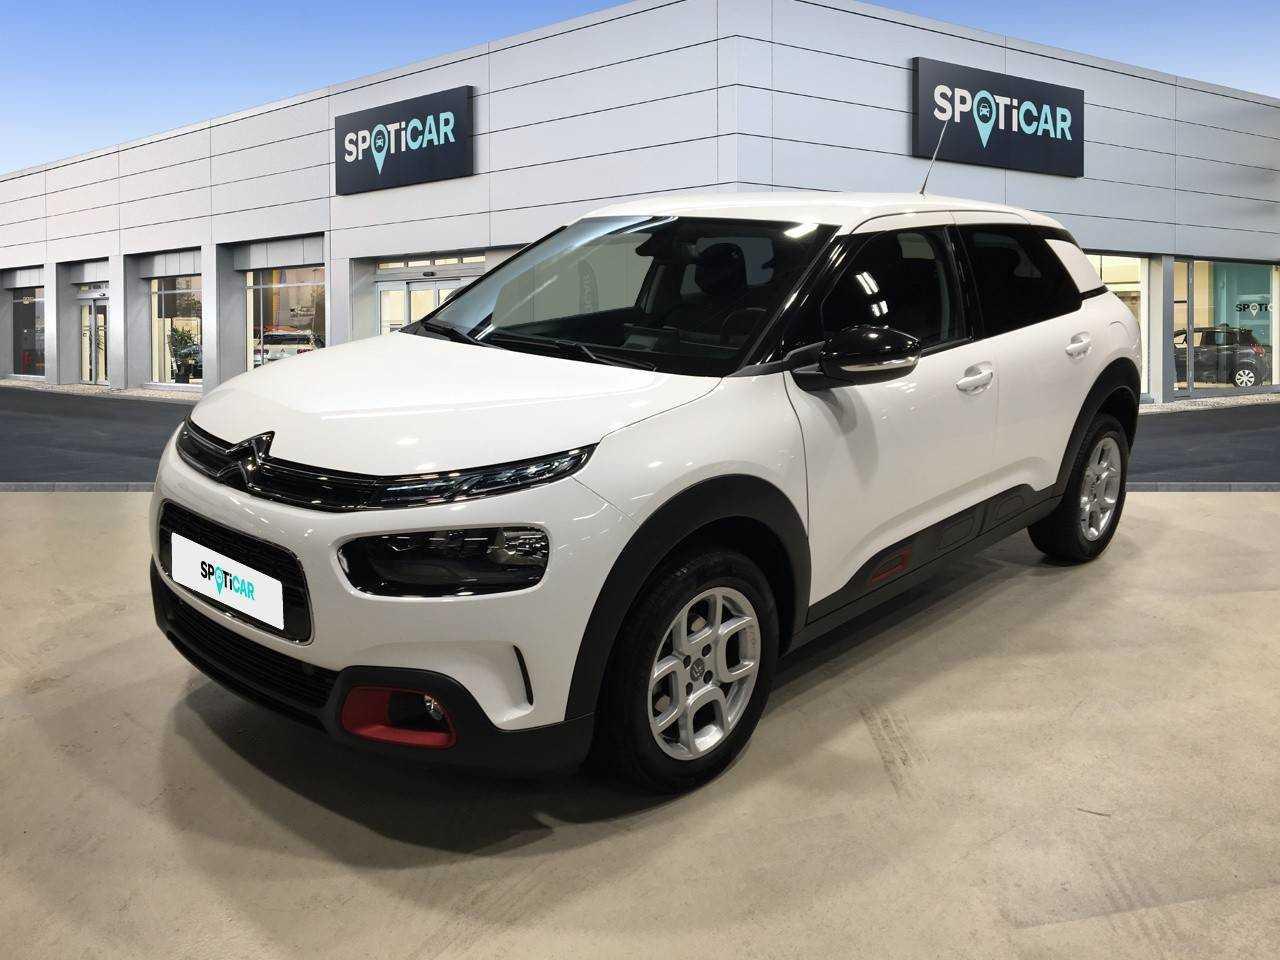 Citroën C4 Cactus ocasión segunda mano 2020 Gasolina por 15.190€ en Madrid